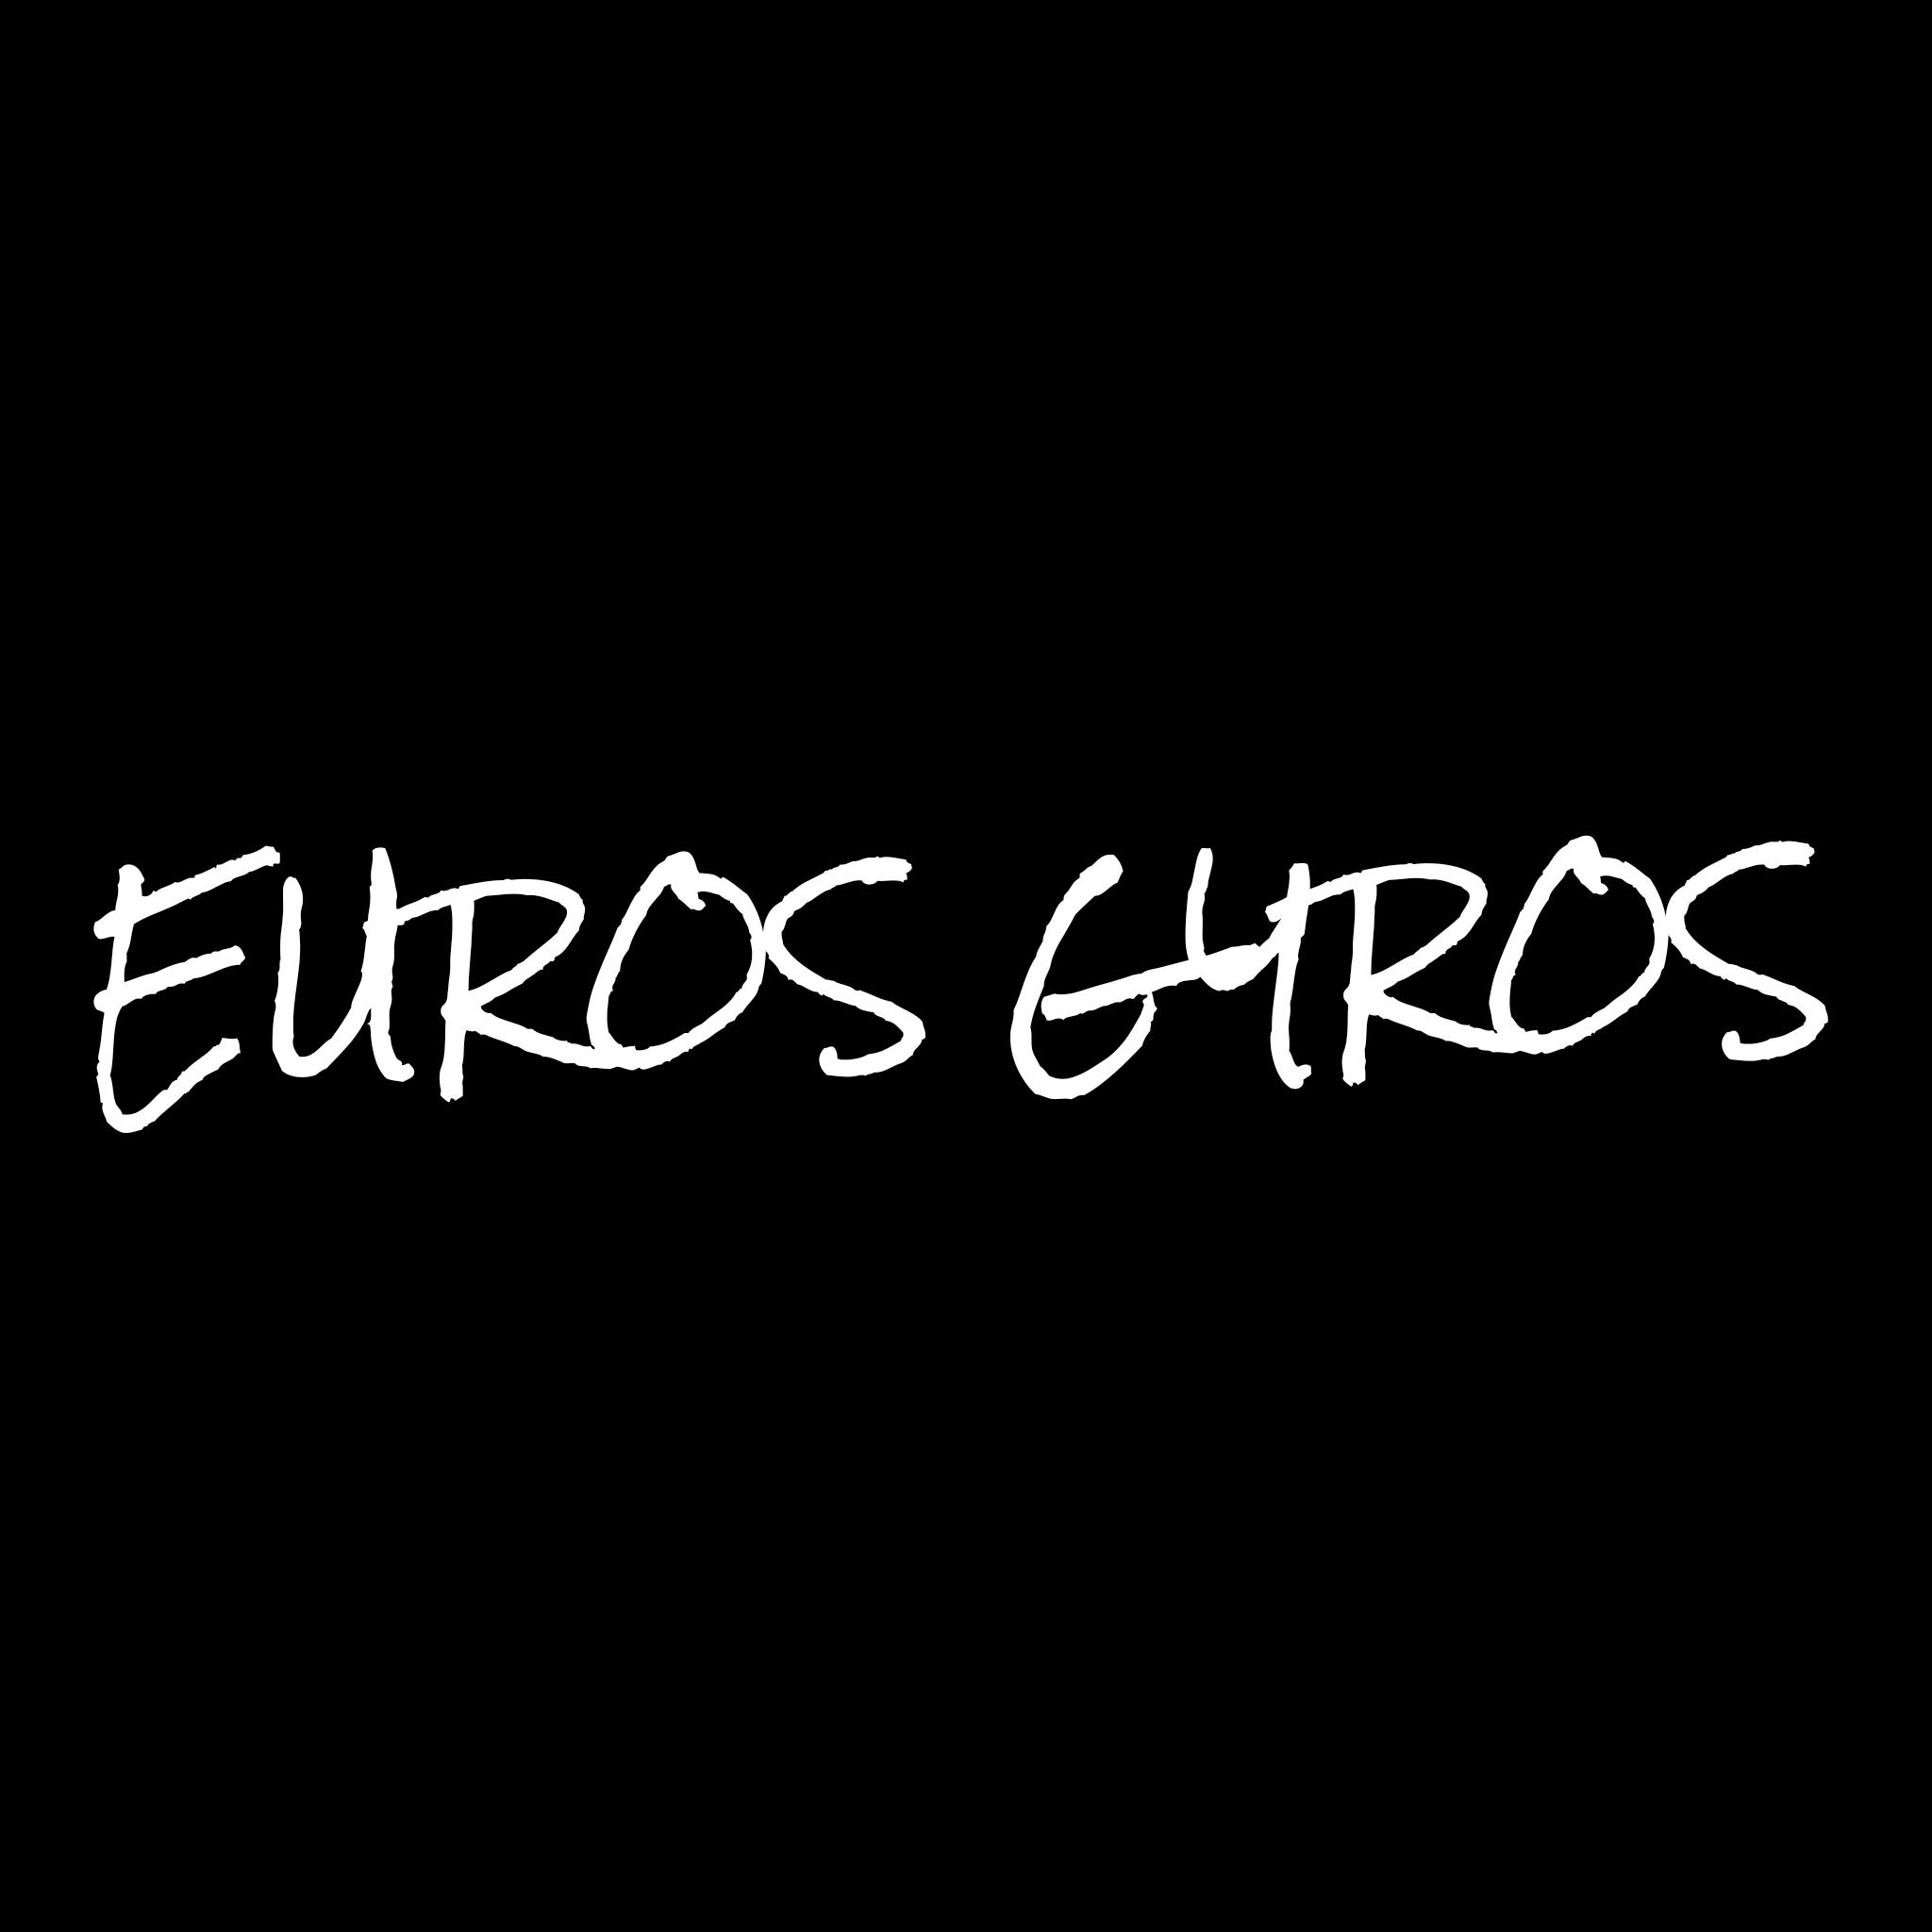 Euros Gyros